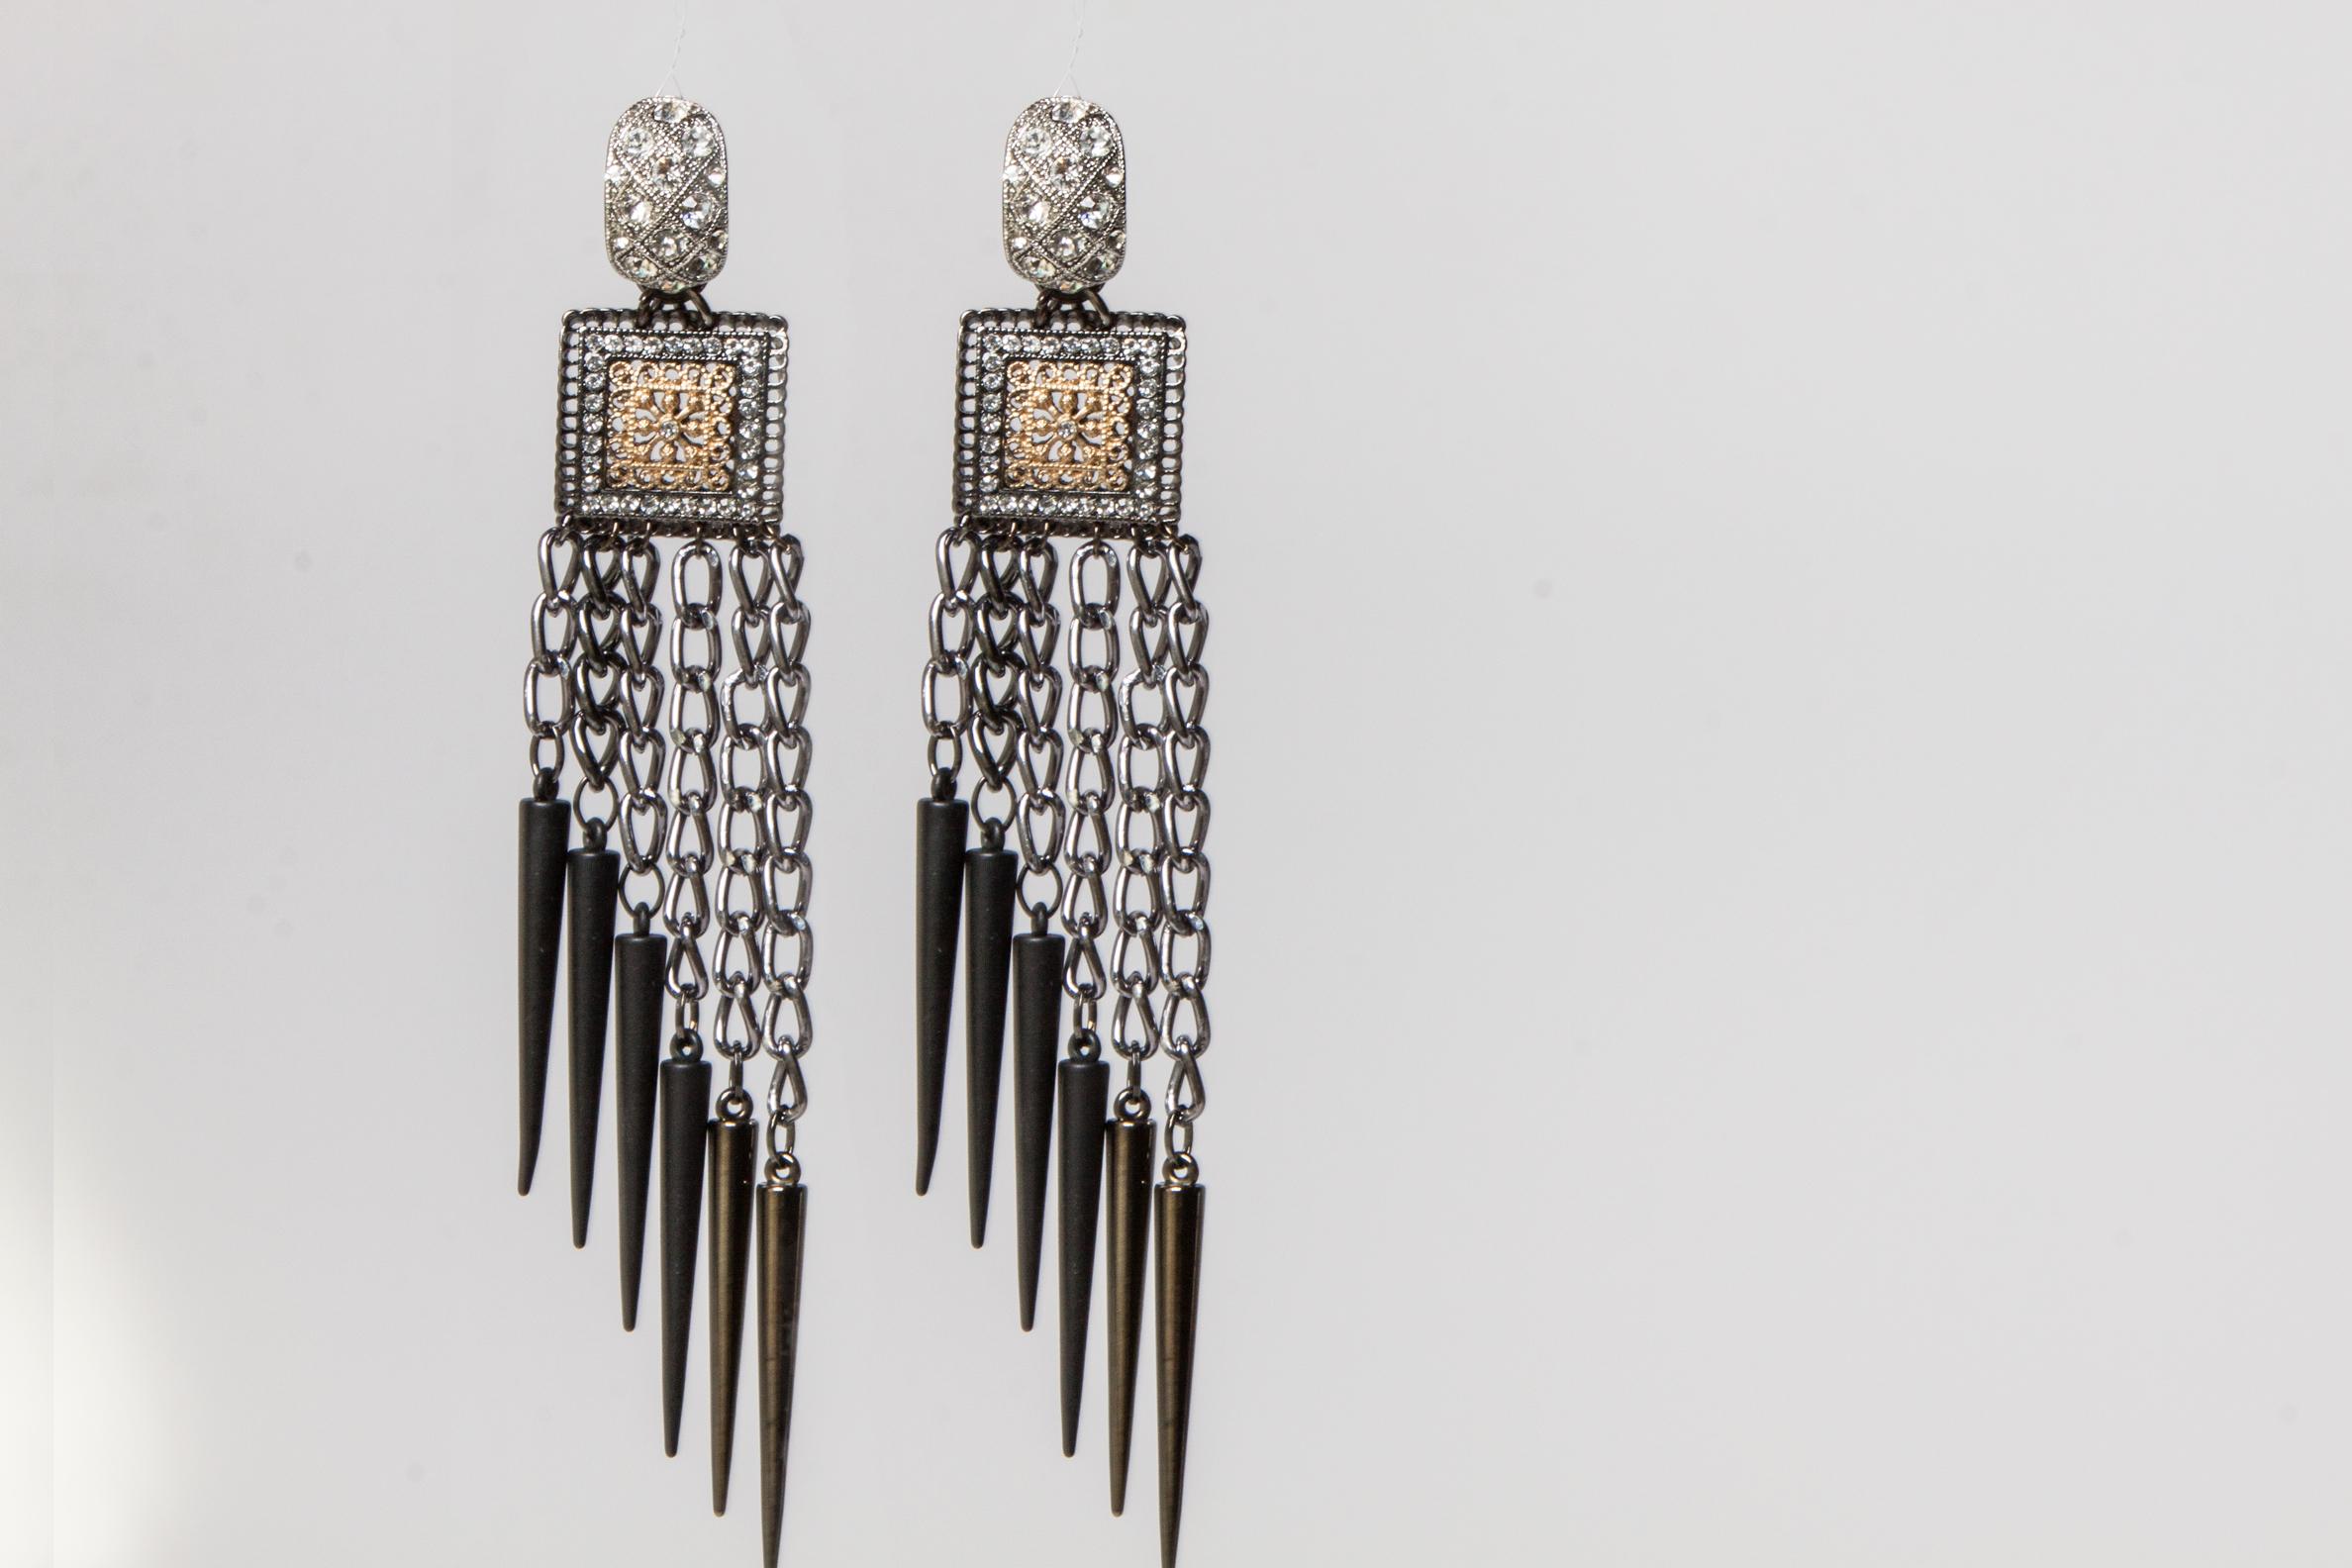 Theda Bara Deco spike earrings.